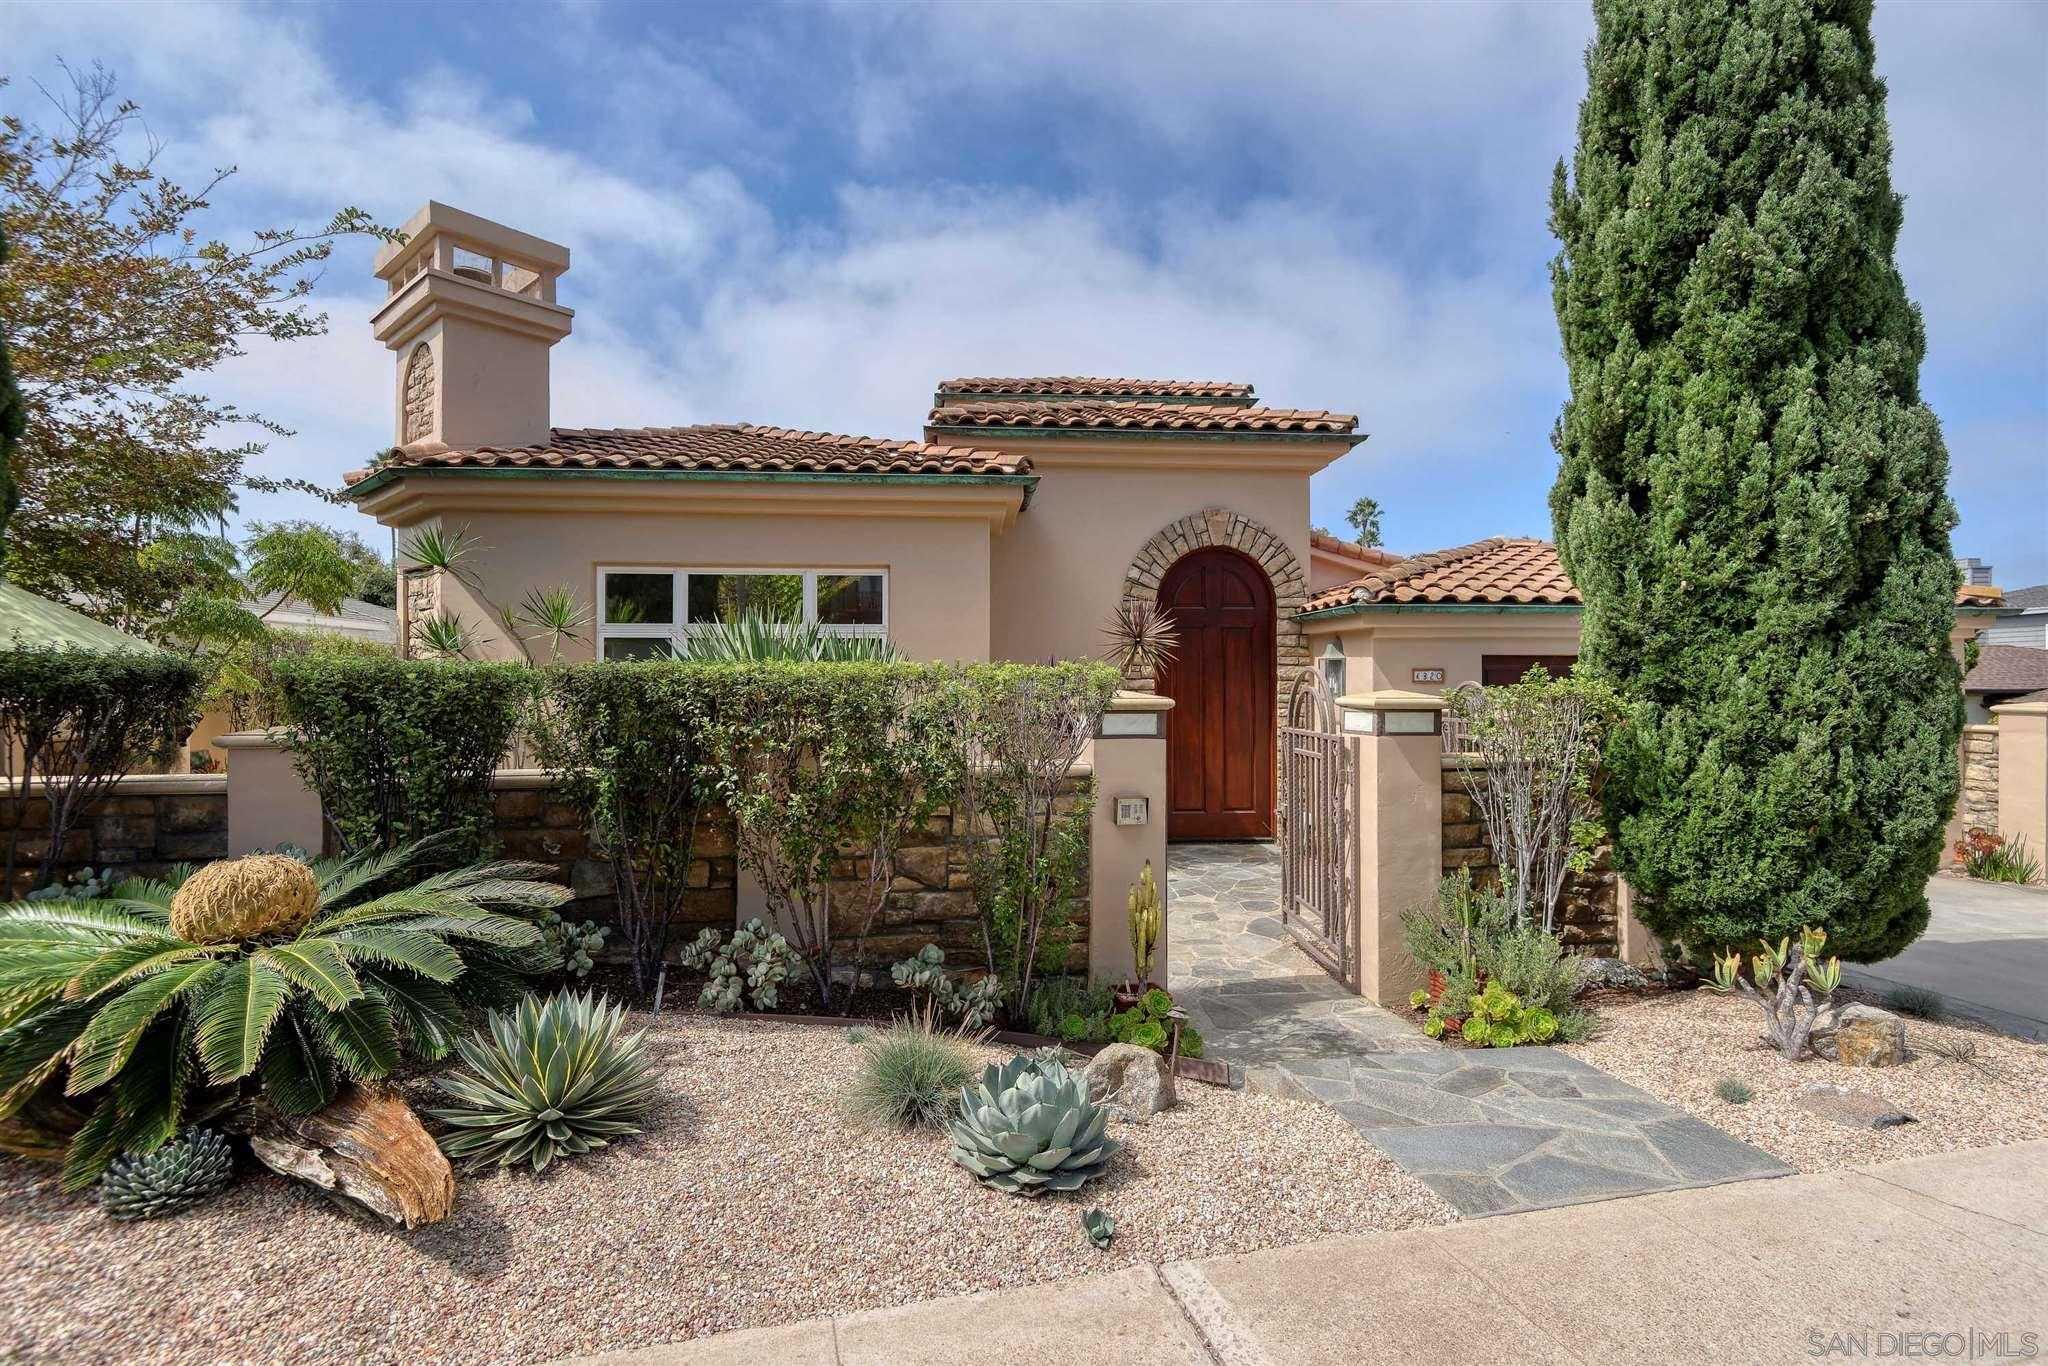 $4,600,000 - 4Br/4Ba -  for Sale in Lower Hermosa, La Jolla